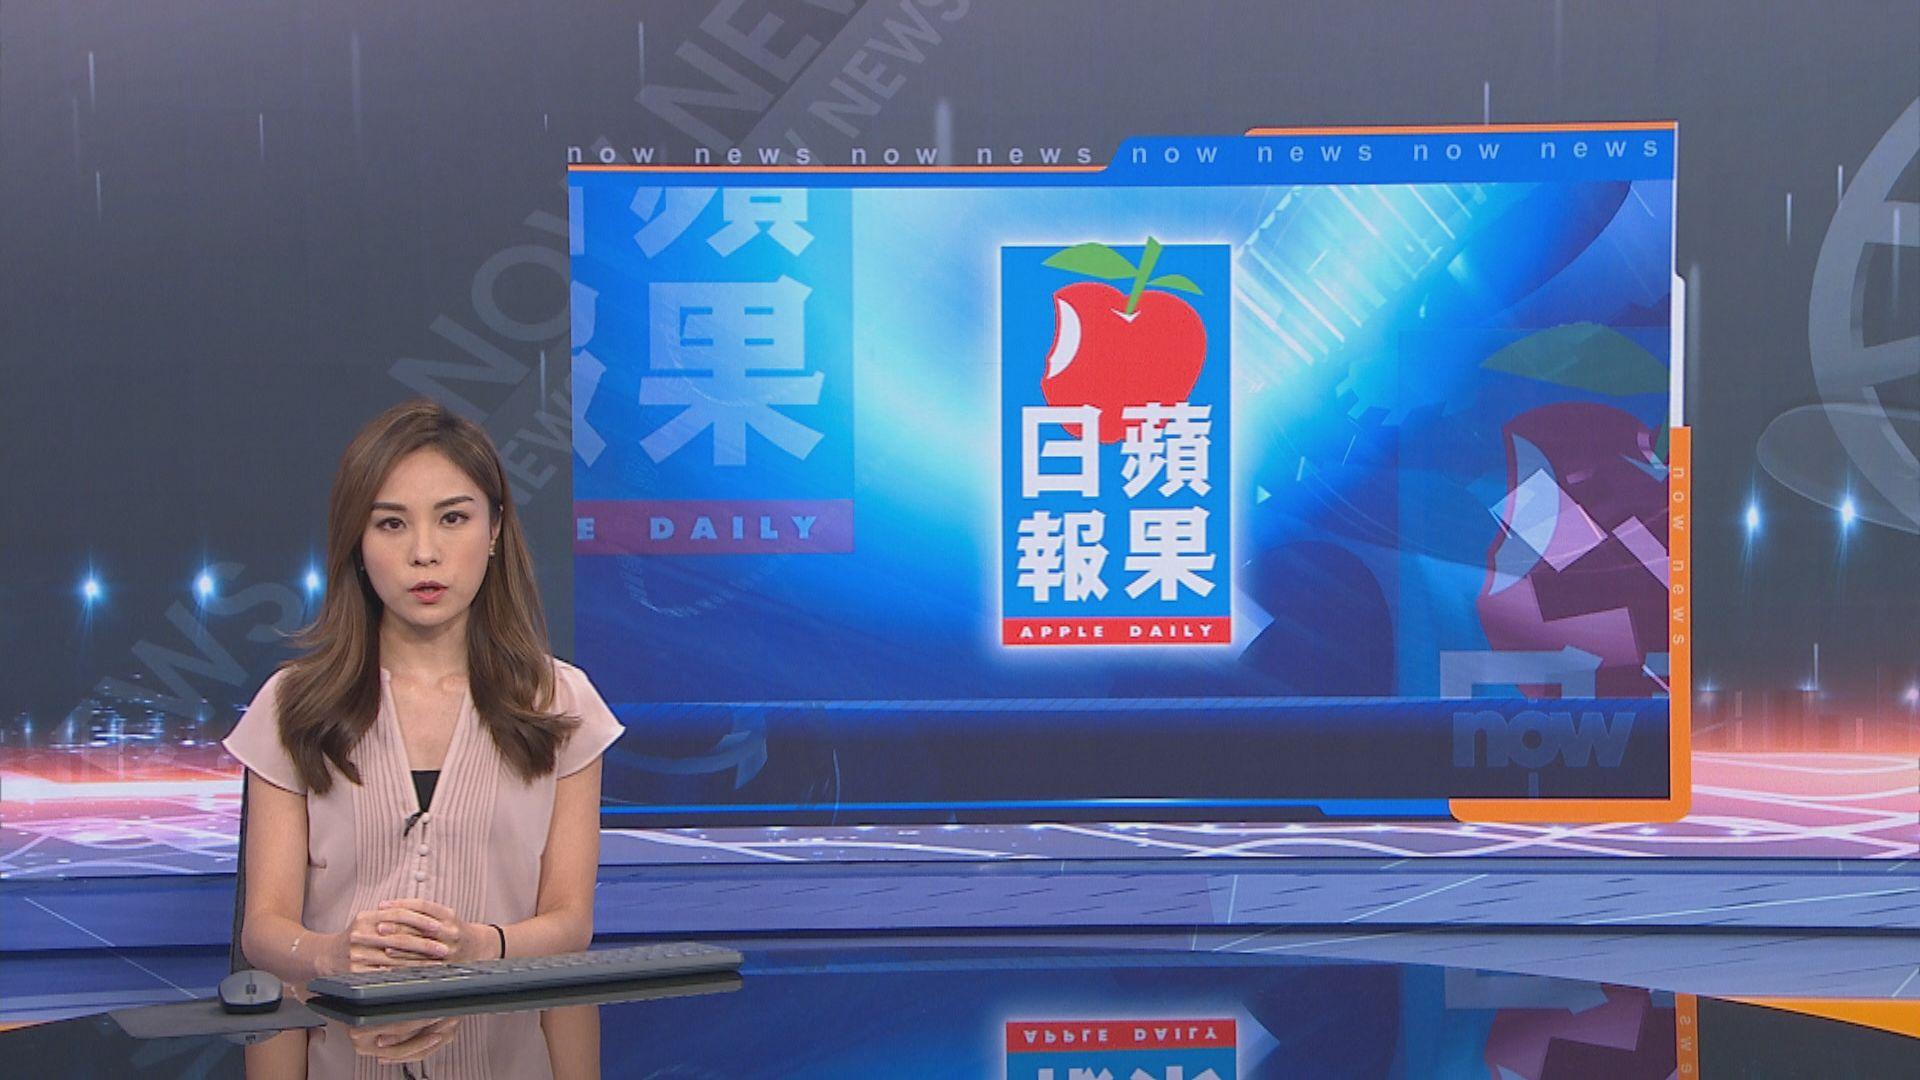 蘋果日報強烈譴責警方侵害新聞自由